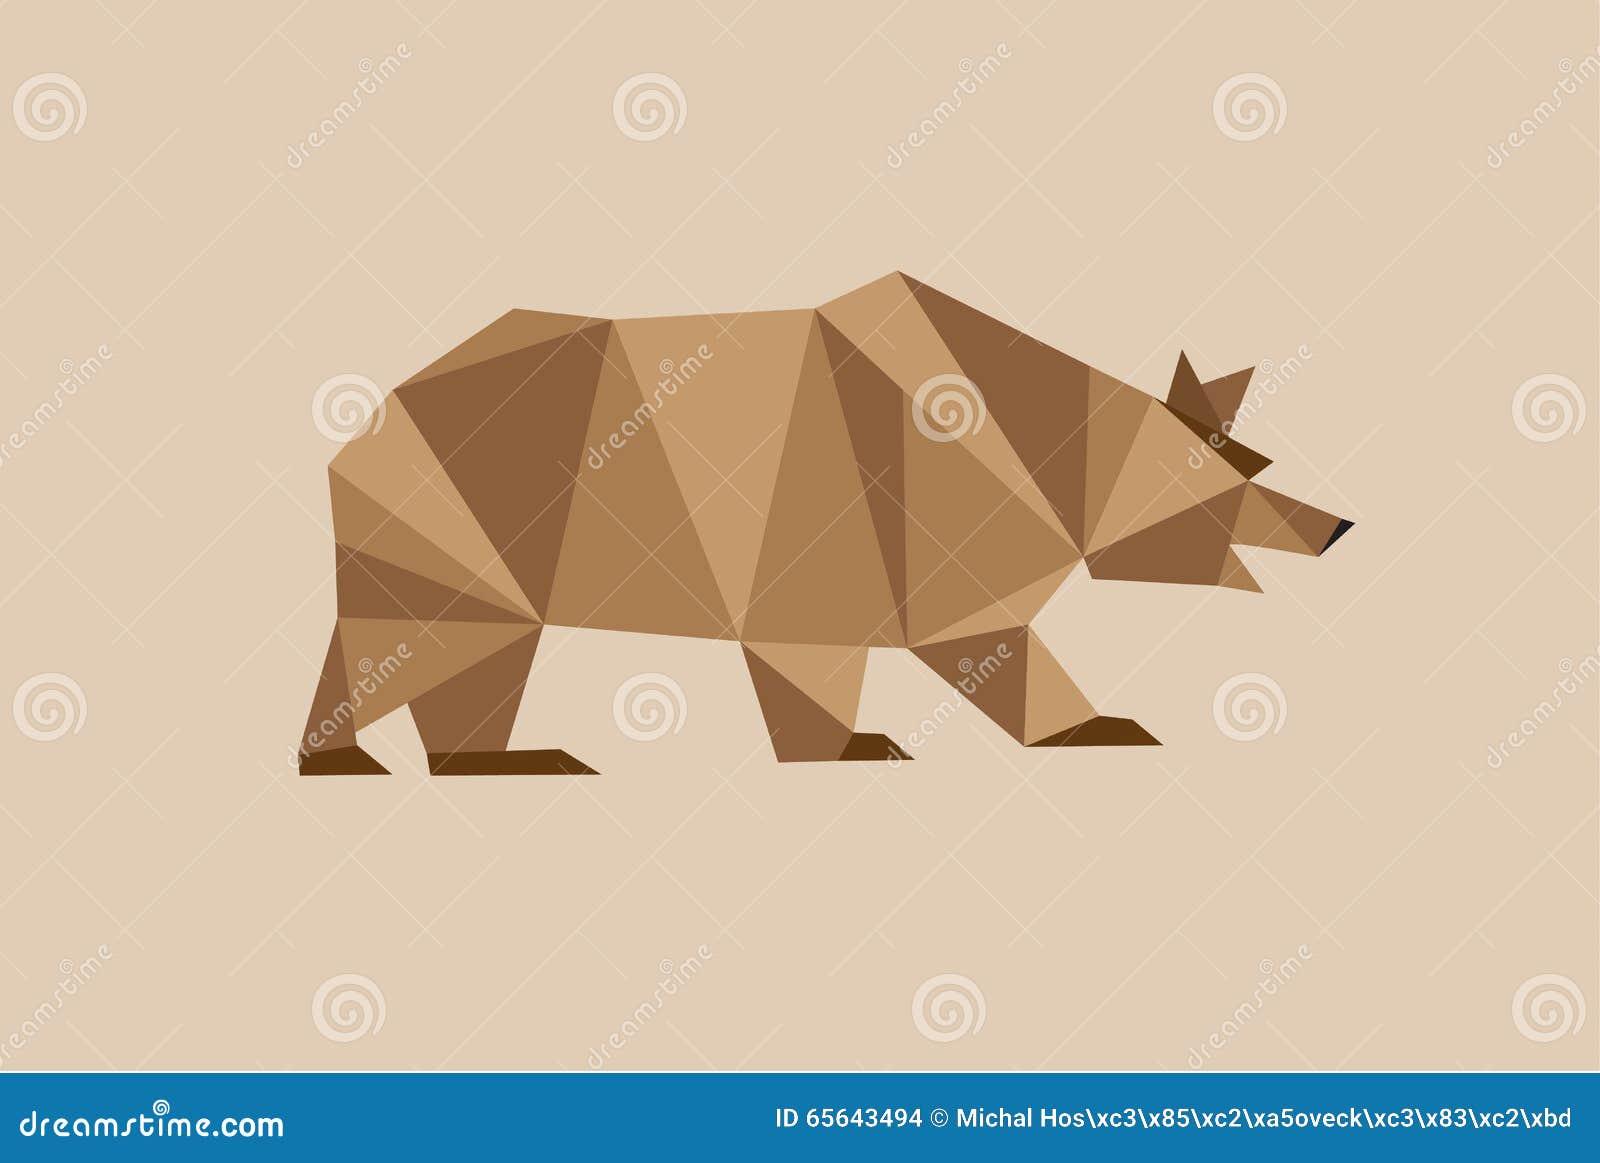 Ours de Brown avec beaucoup de triangles géométriques